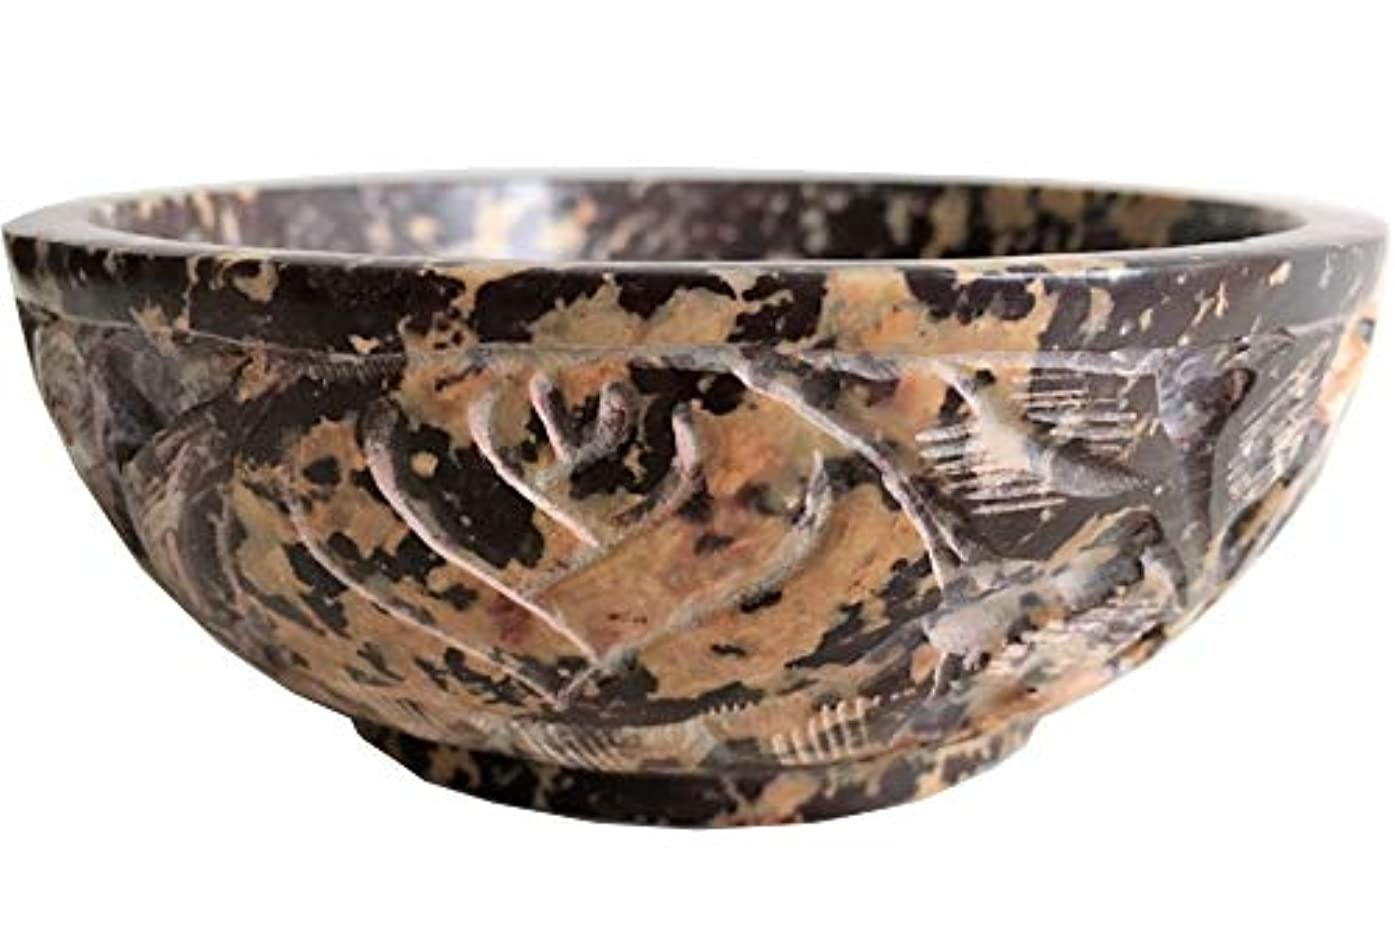 神聖悪性の番号ソープストーンIncense Burner Bowl / Smudgeポット/ウィッカRitual Offeringボウル5